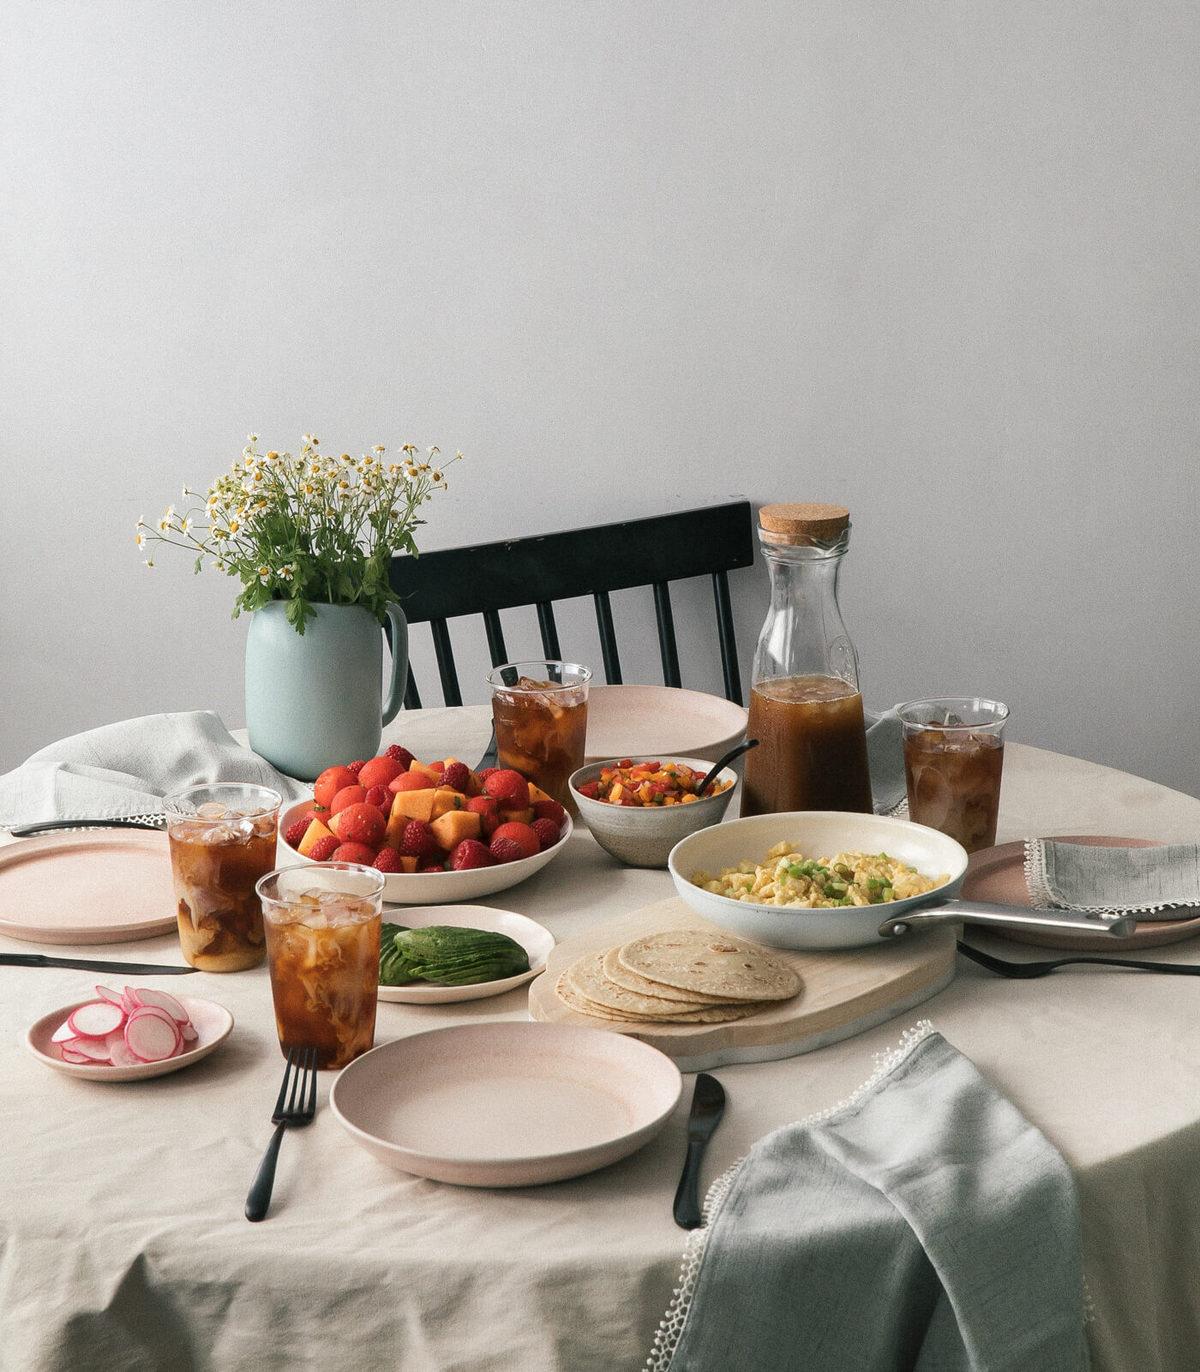 Breakfast Taco Brunch with Heirloom Tomato Pico de Gallo